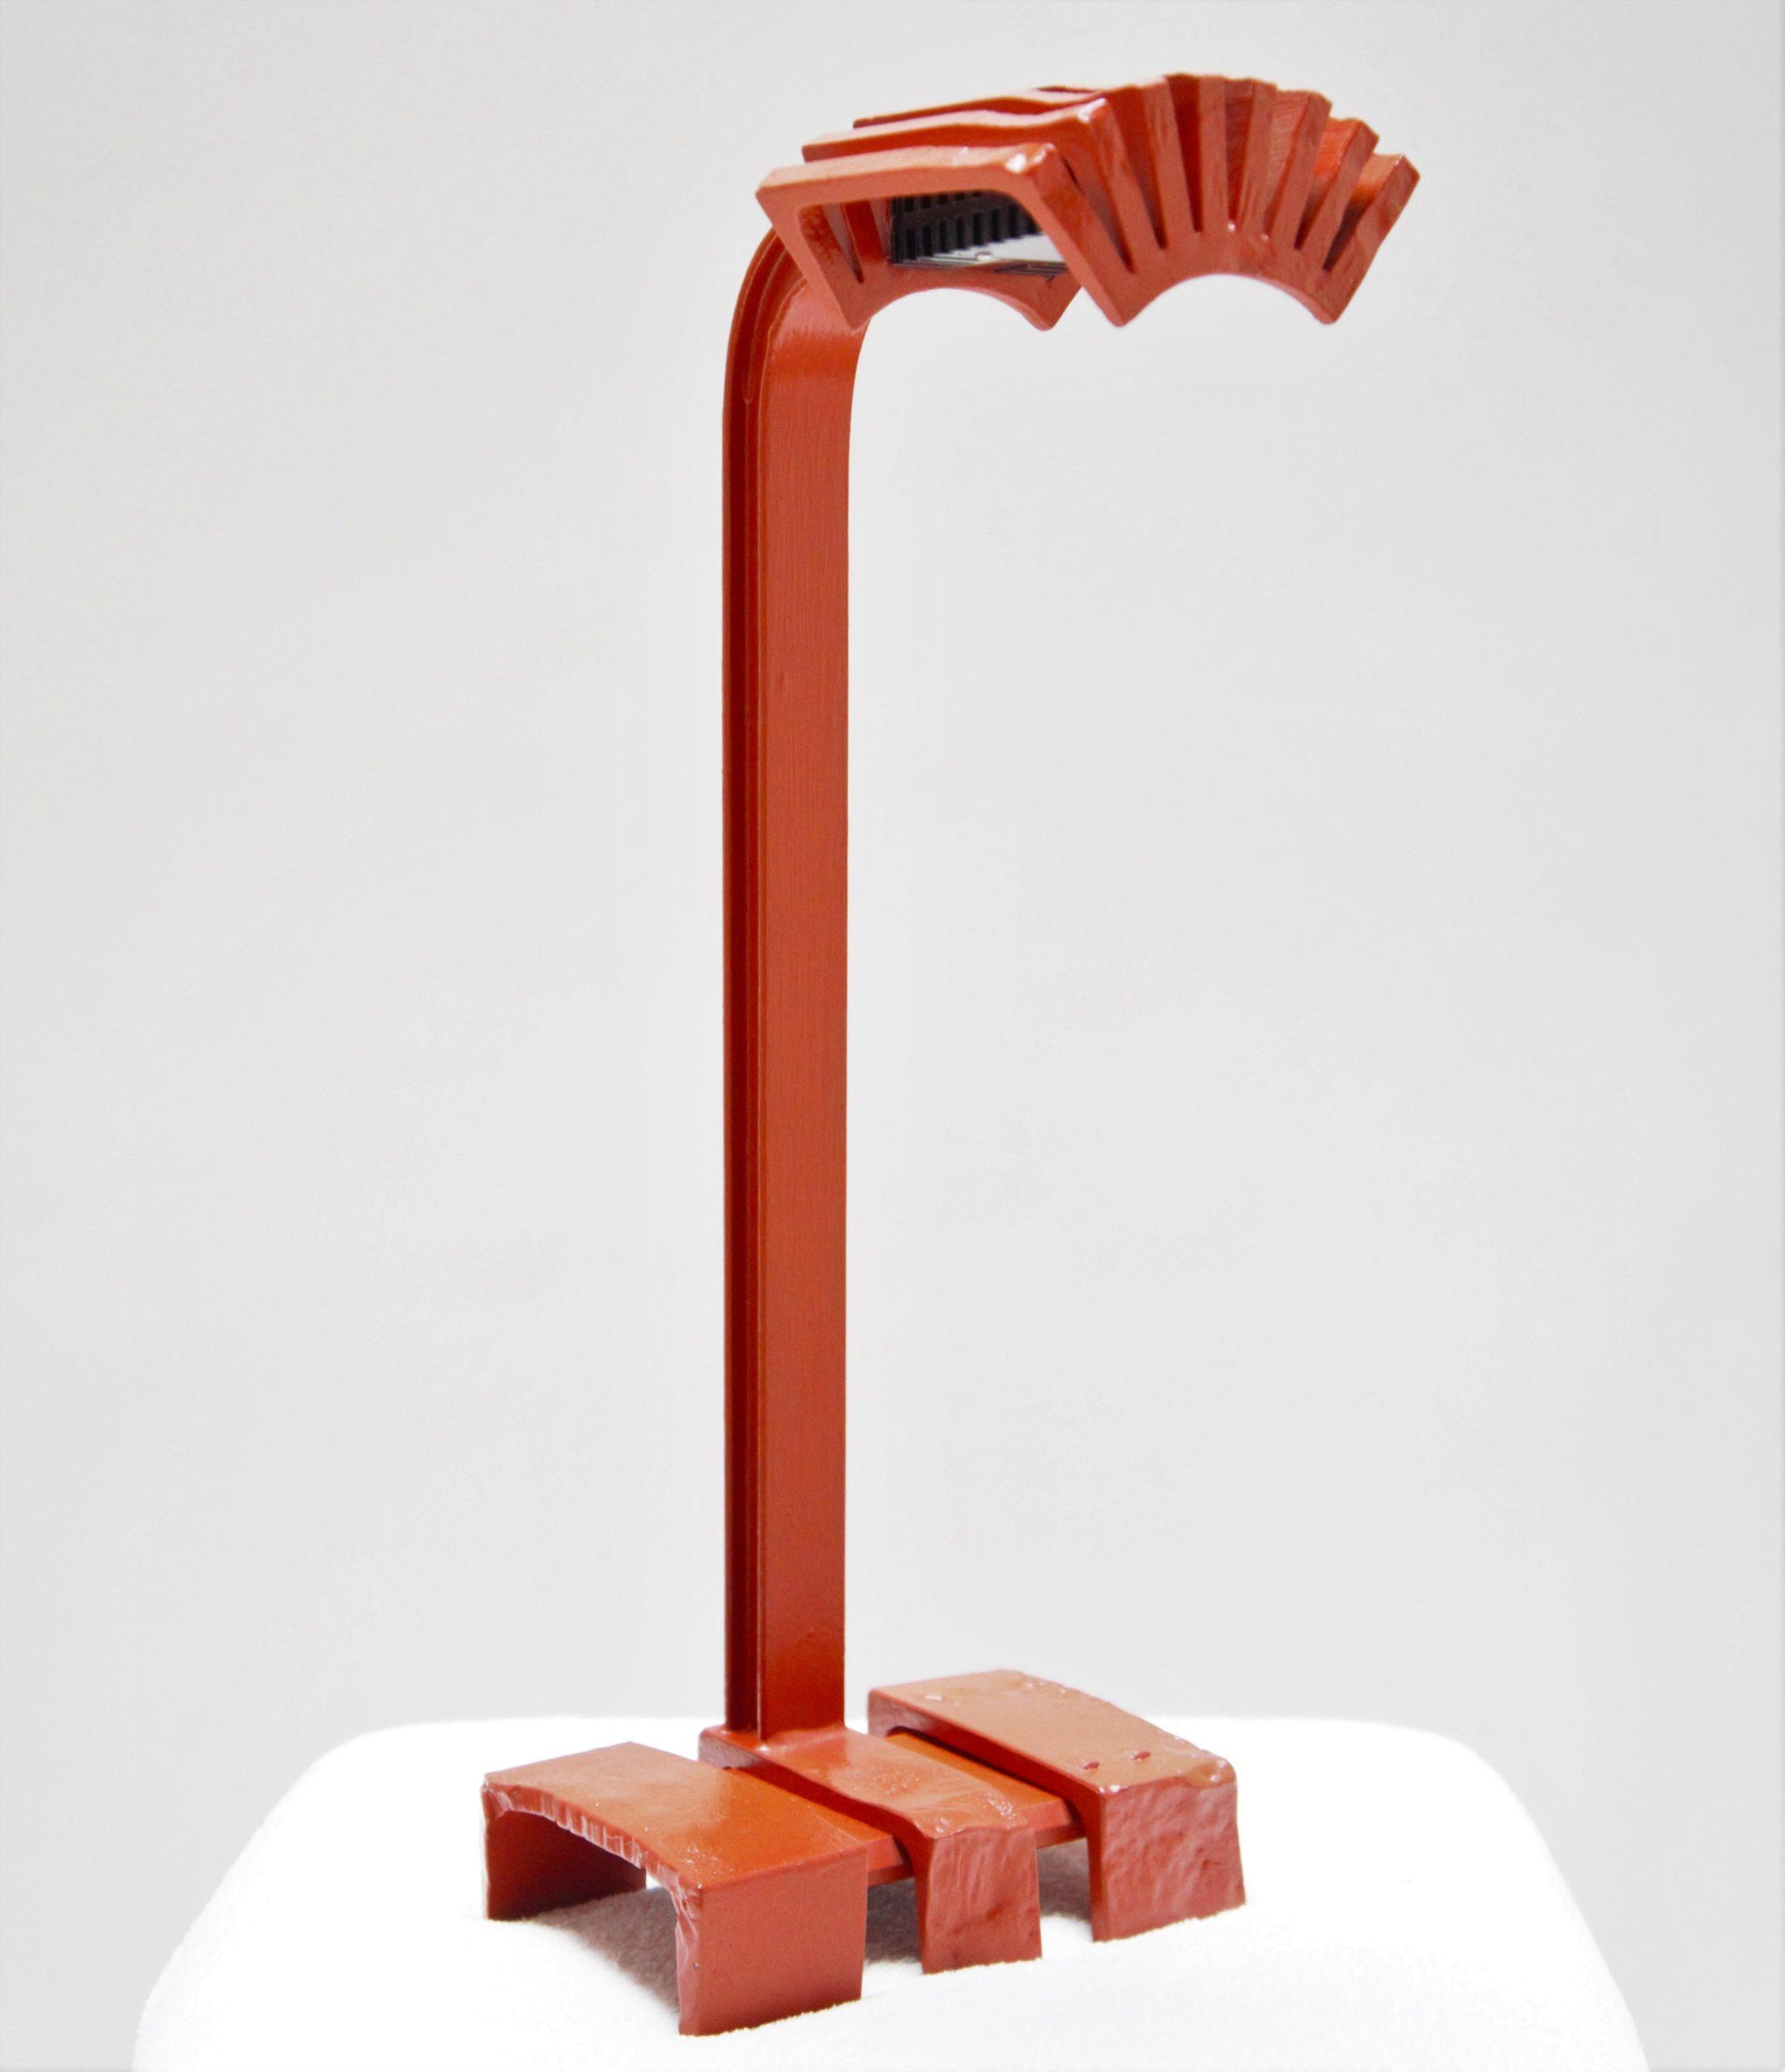 Golden Gate Bridge Steel - Task Lamp